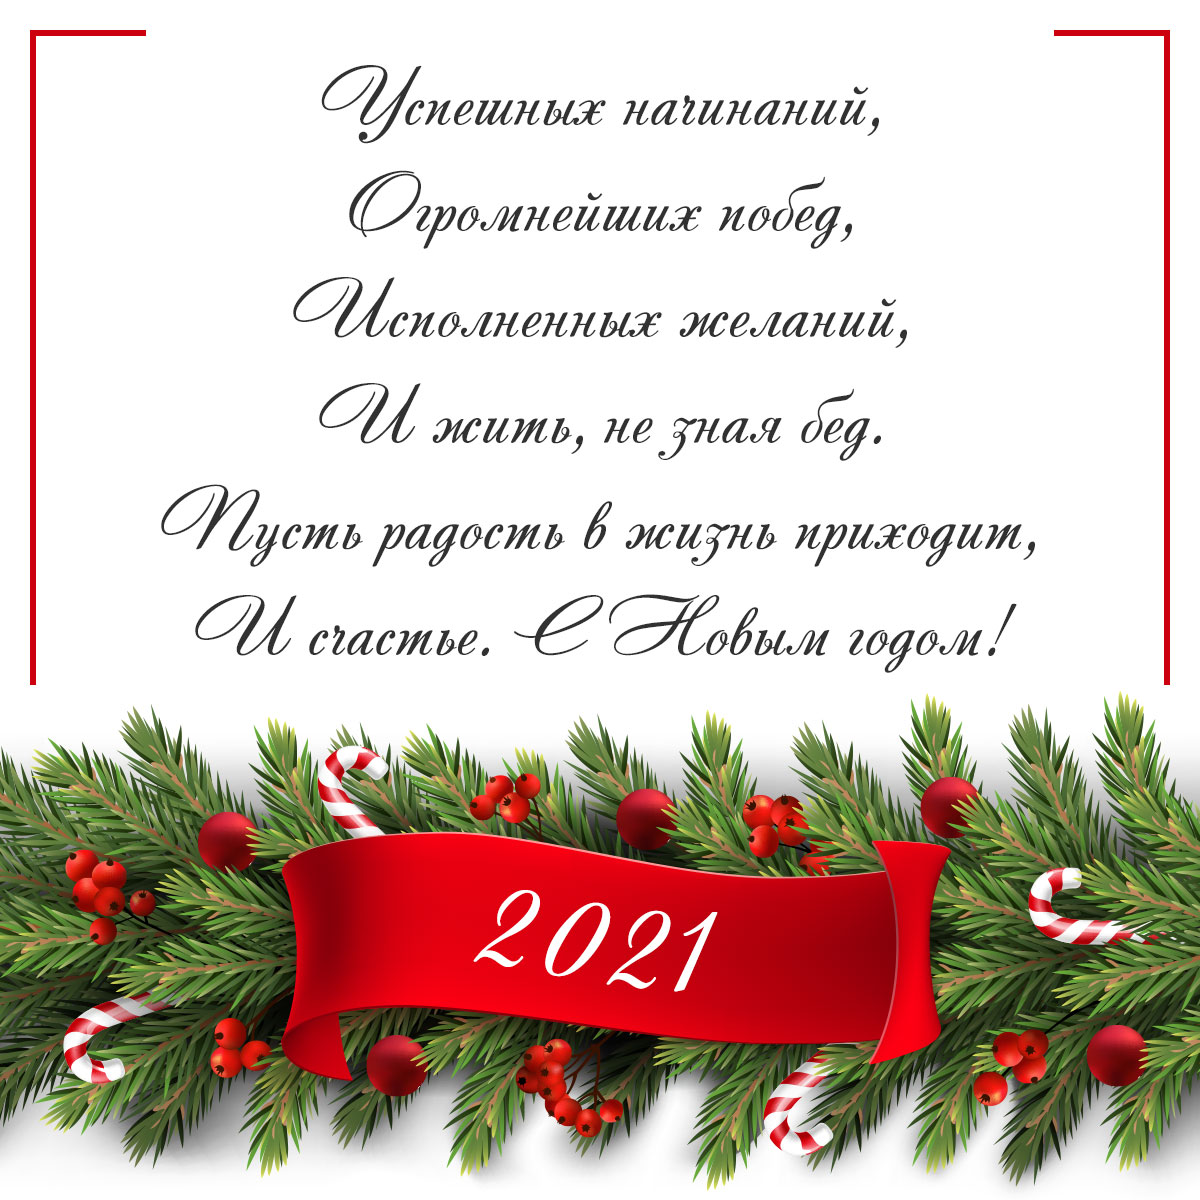 Стих с новым годом с ветками ели, красными ягодами и карамельными тростями.